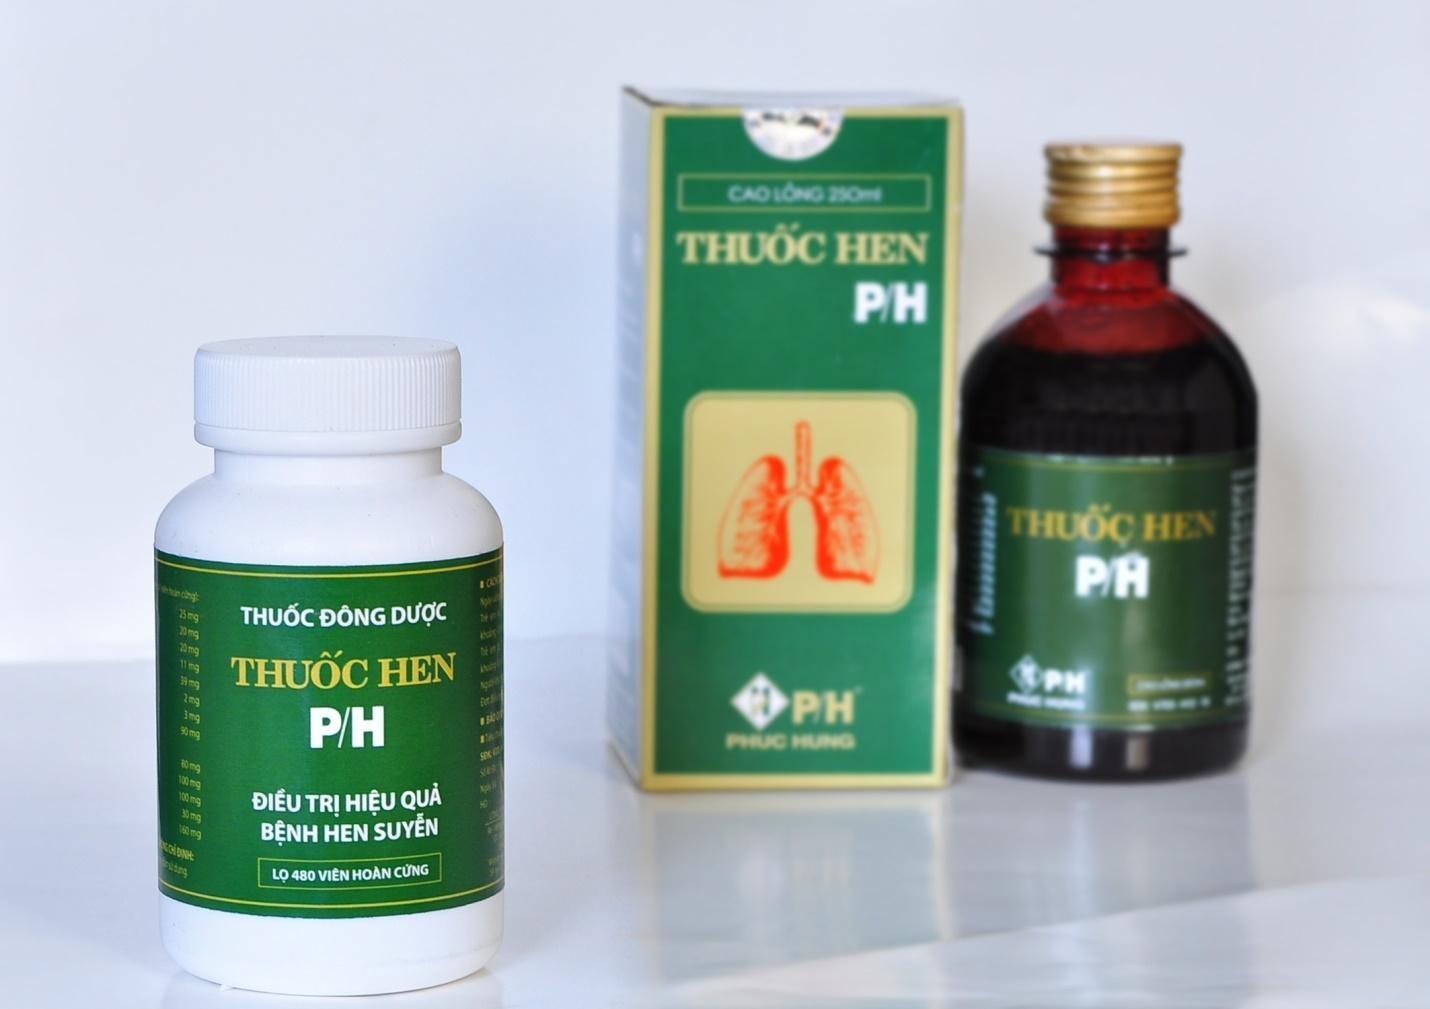 Hướng điều trị dự phòng mới cho bệnh lý hen suyễn và phổi tắc nghẽn mạn tính COPD - 1